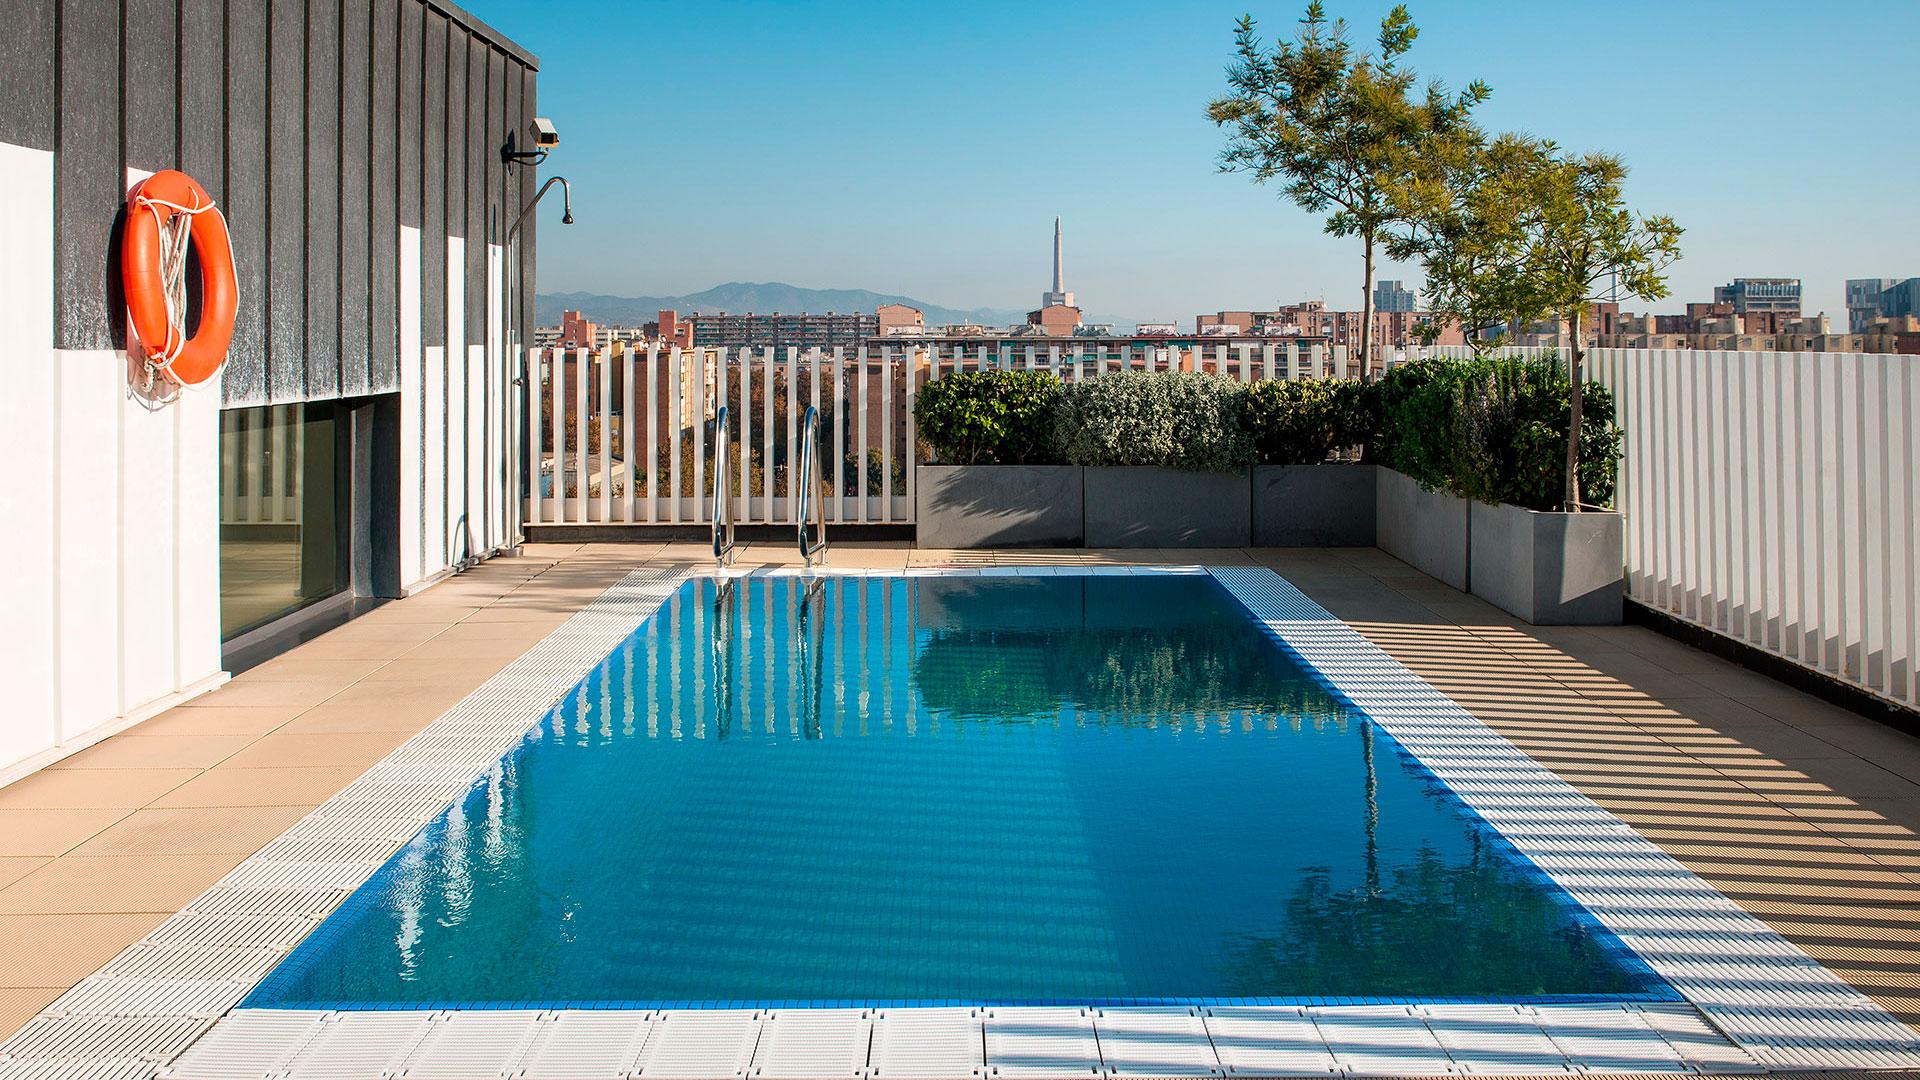 Imagen de la piscina de un hotel